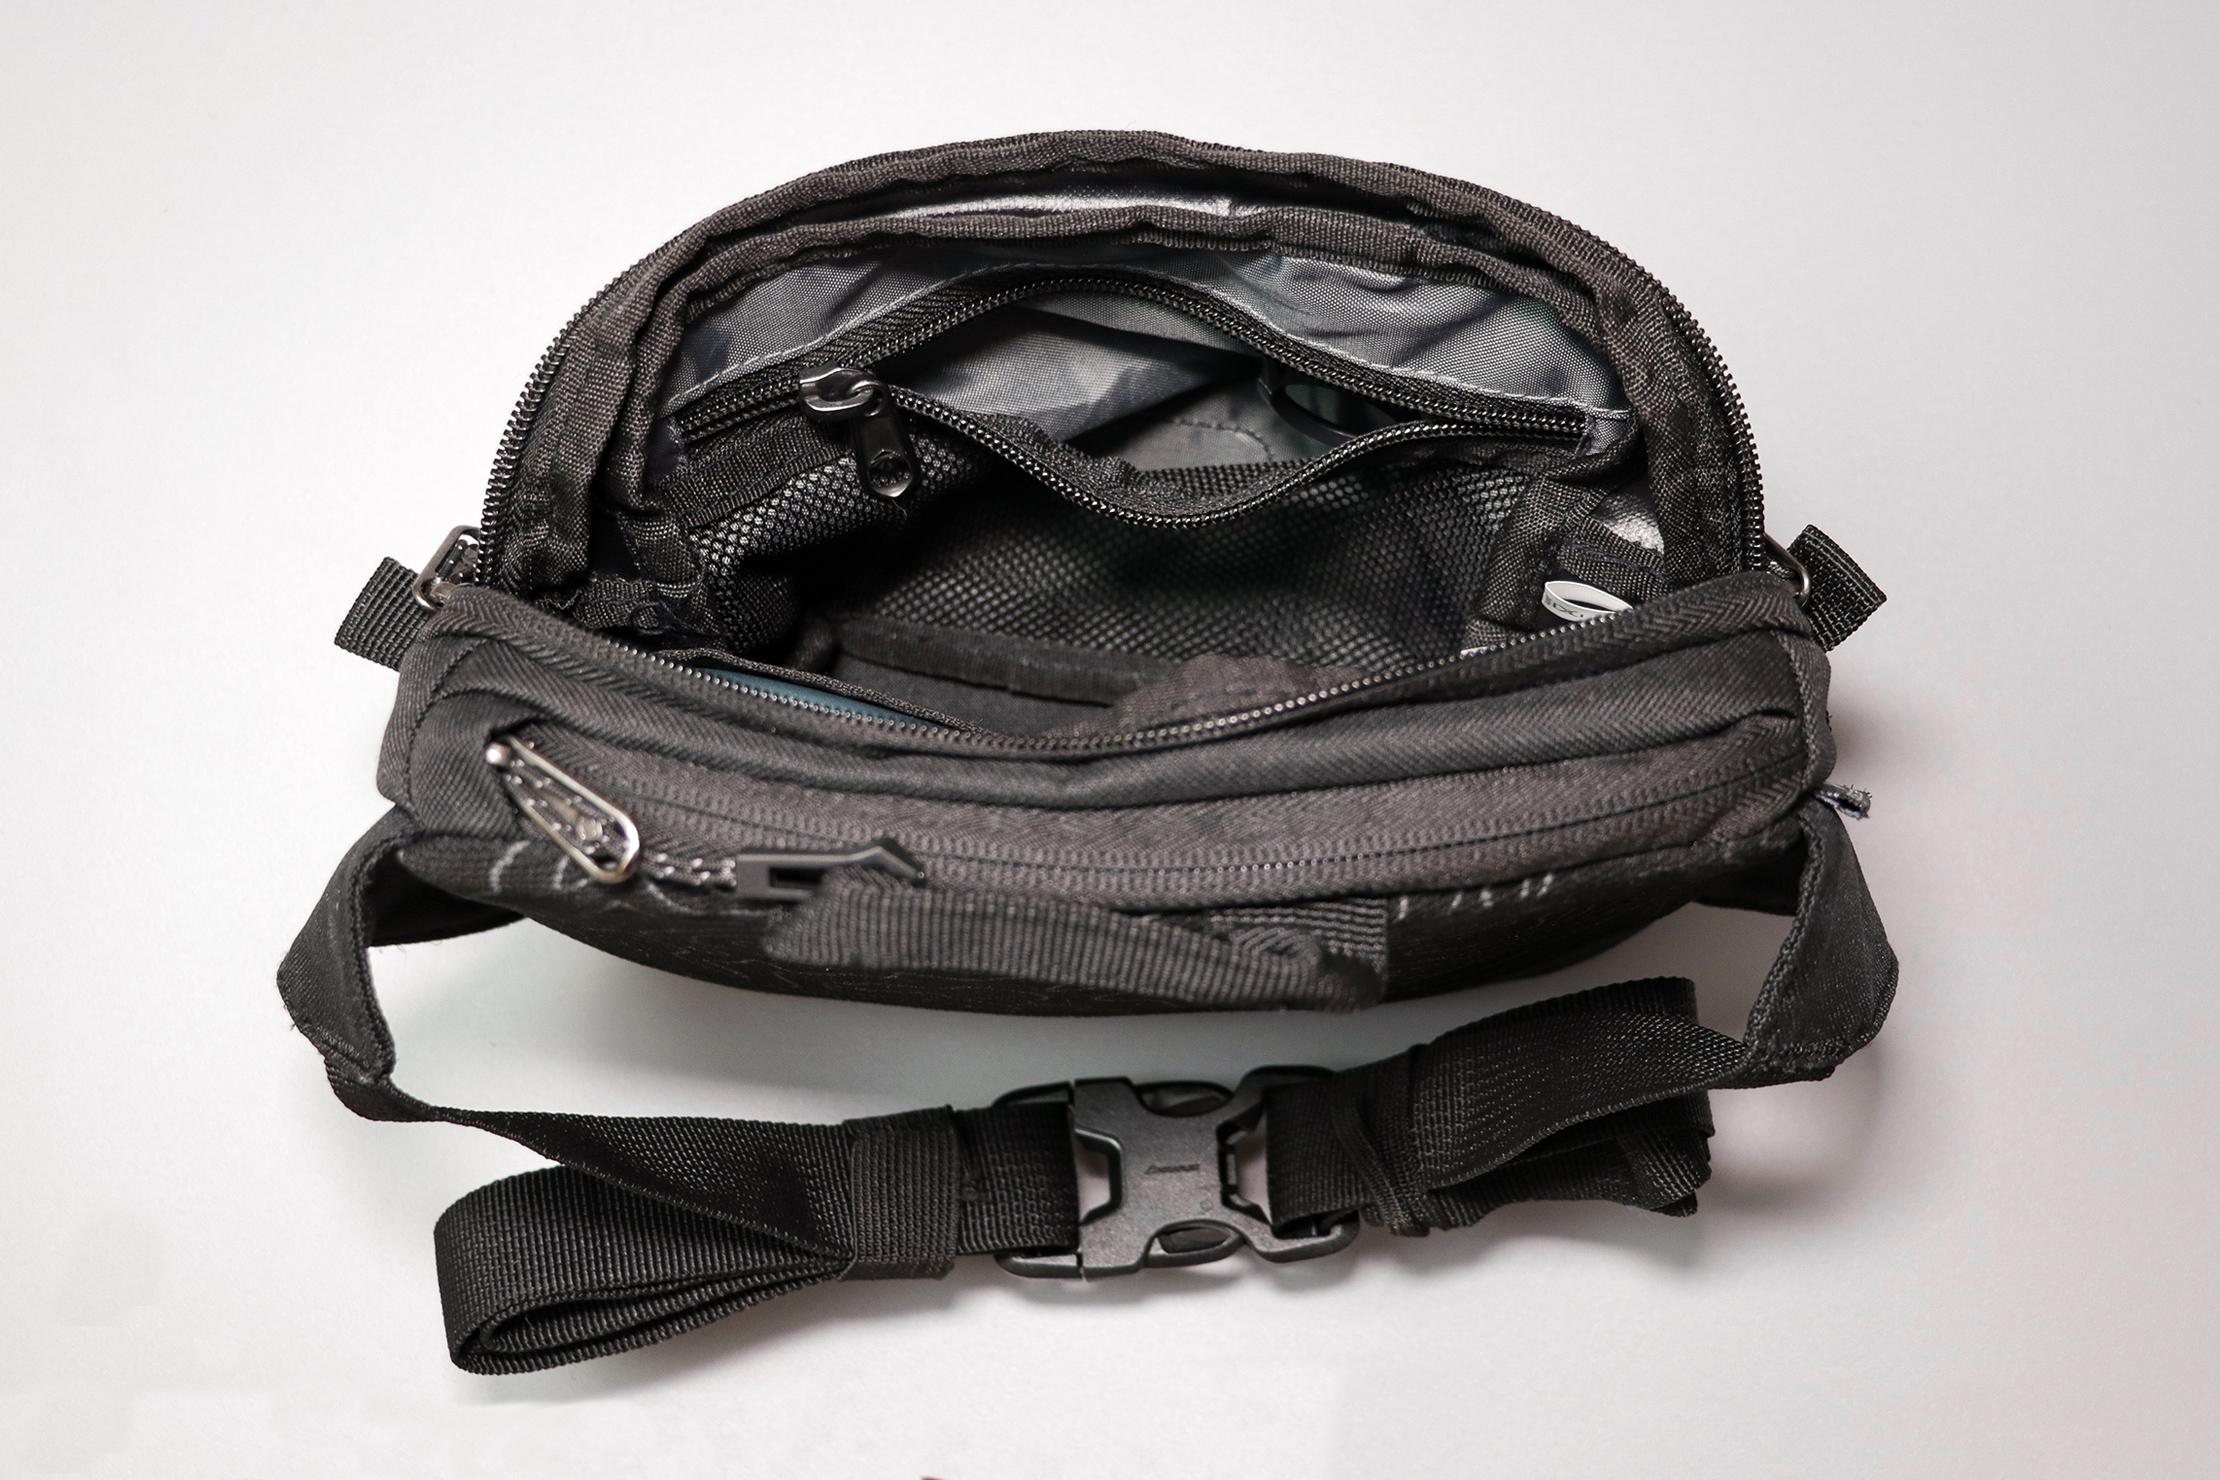 Eagle Creek Wayfinder Waist Pack Internal Mesh Pocket